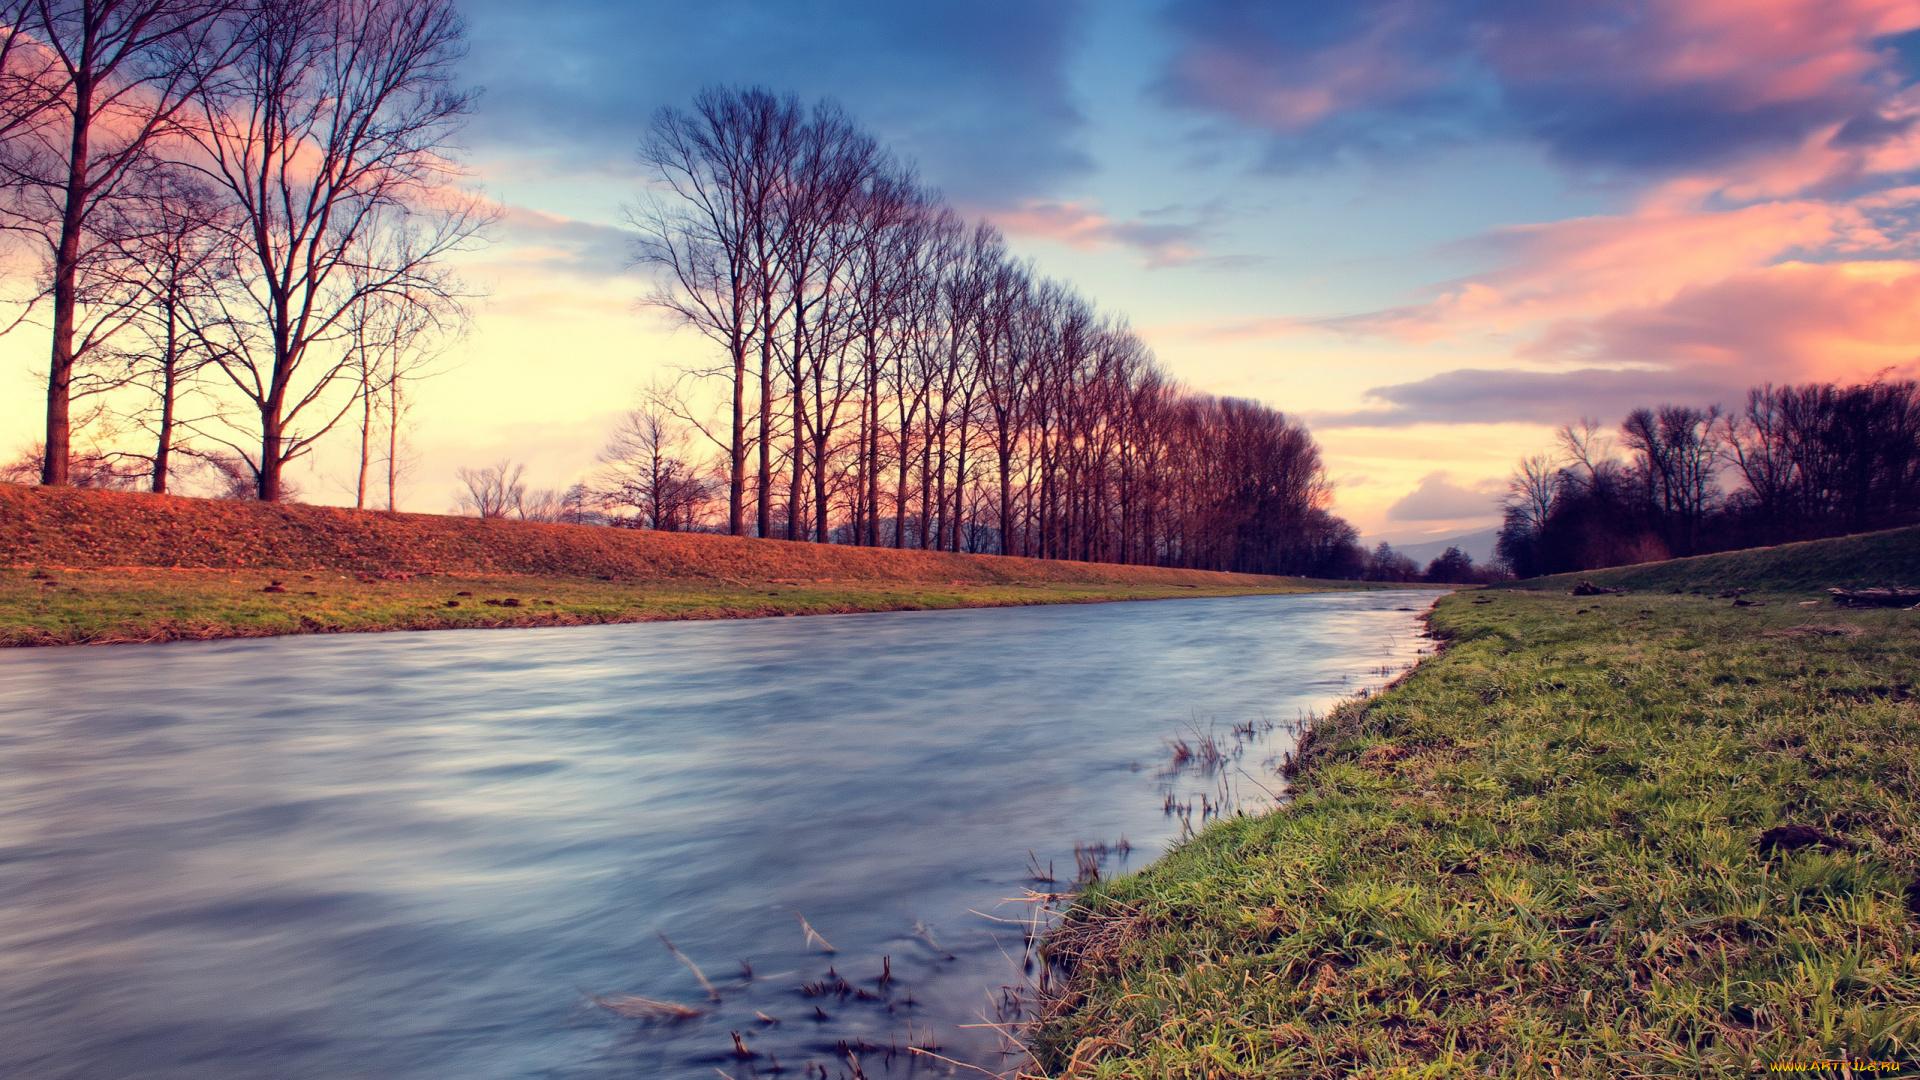 природа HDR река деревья  № 257344 бесплатно